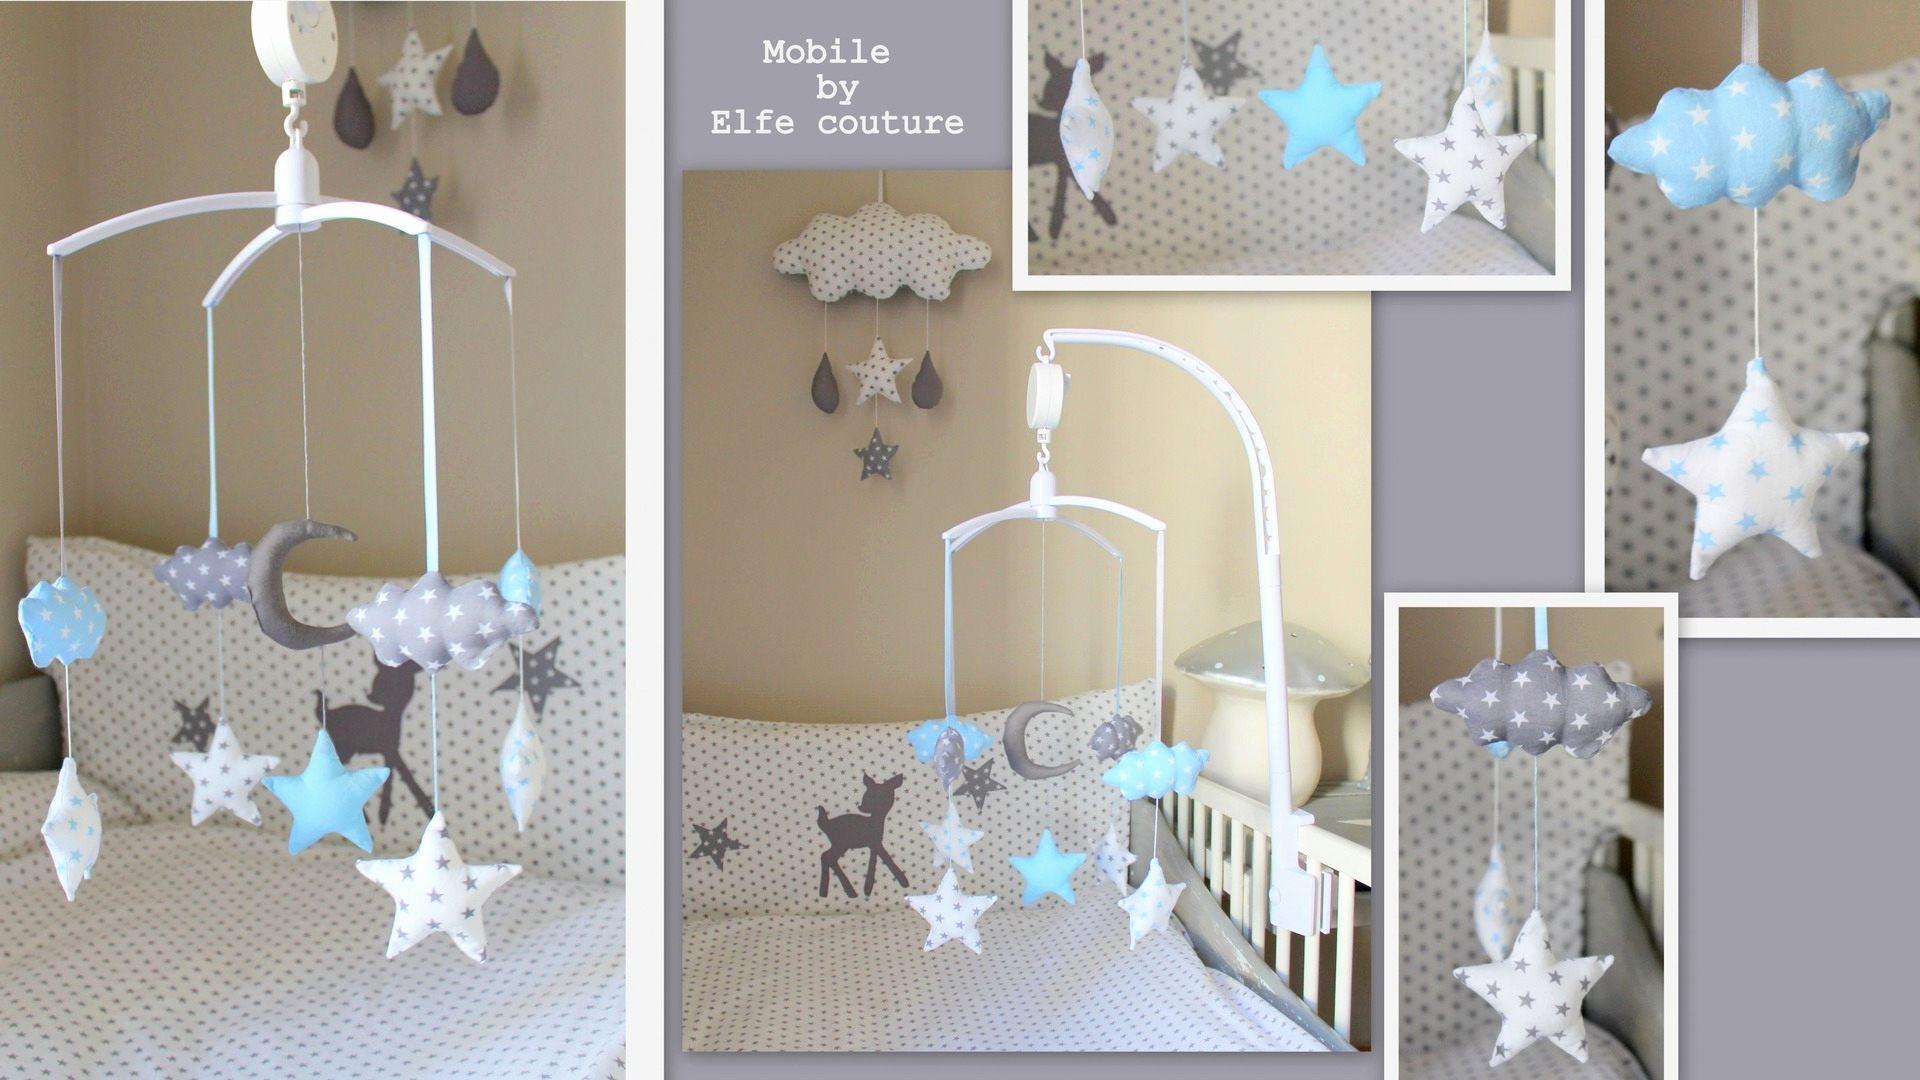 Lit Bebe Etoile Bel Chambre Bebe Etoile Luxe tour De Lit Bébé Nuage Et étoile Gris Blanc